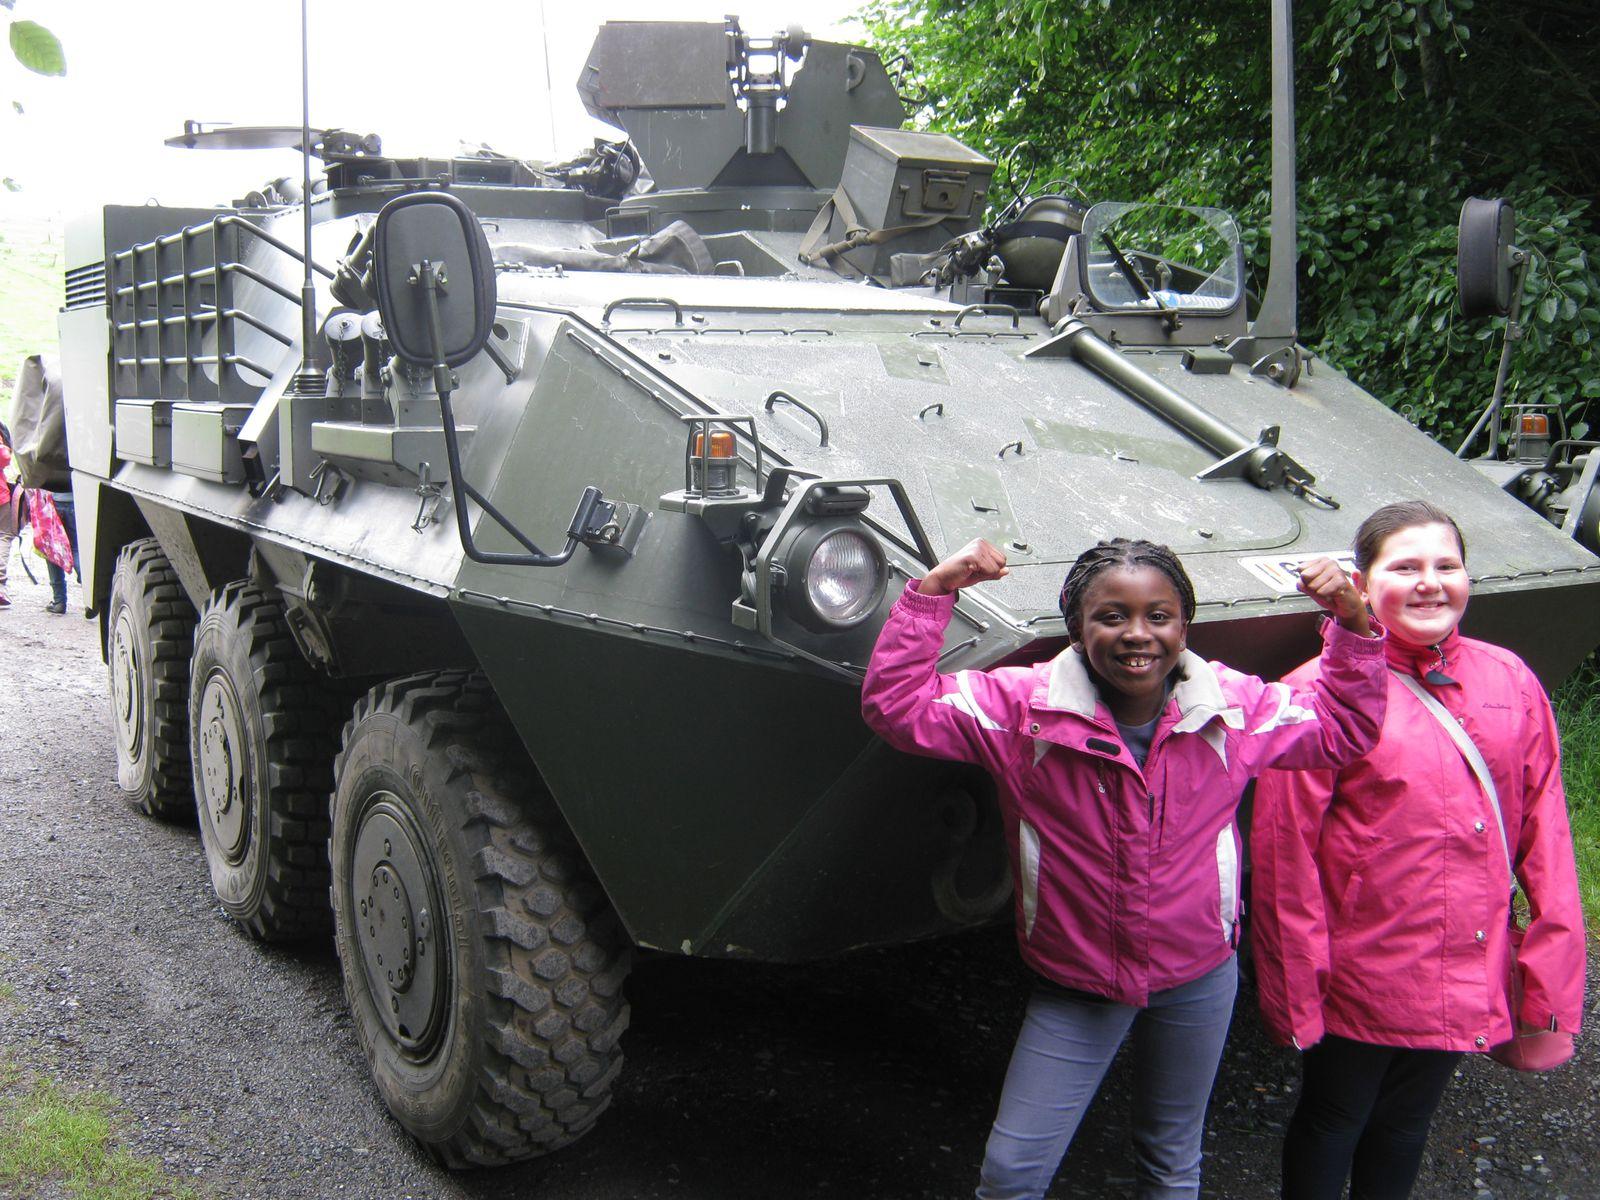 Nous avons également eu la chance d'observer un véhicule militaire